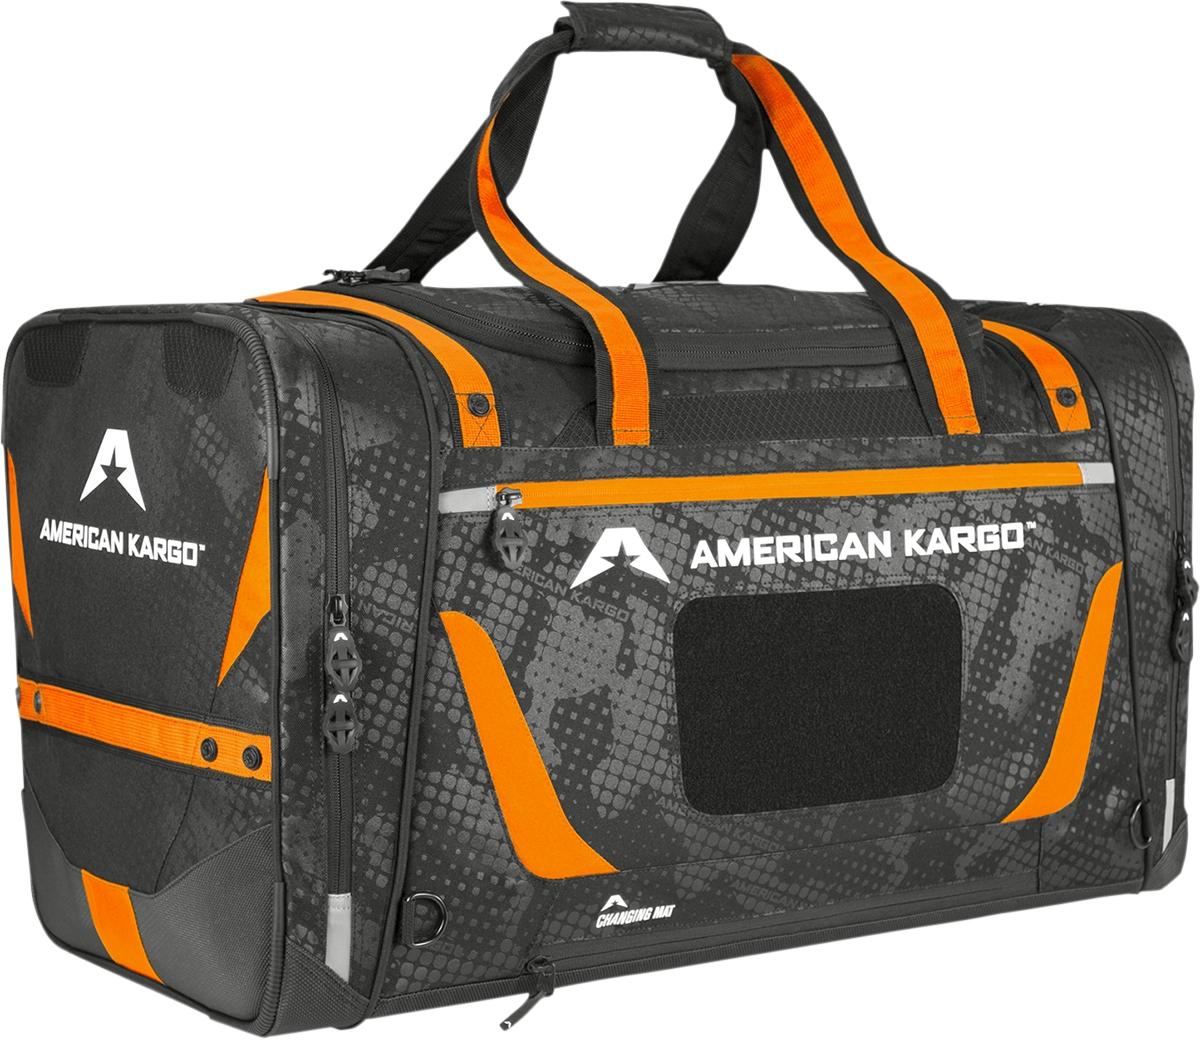 AMERICAN KARGO Large Gear Bag